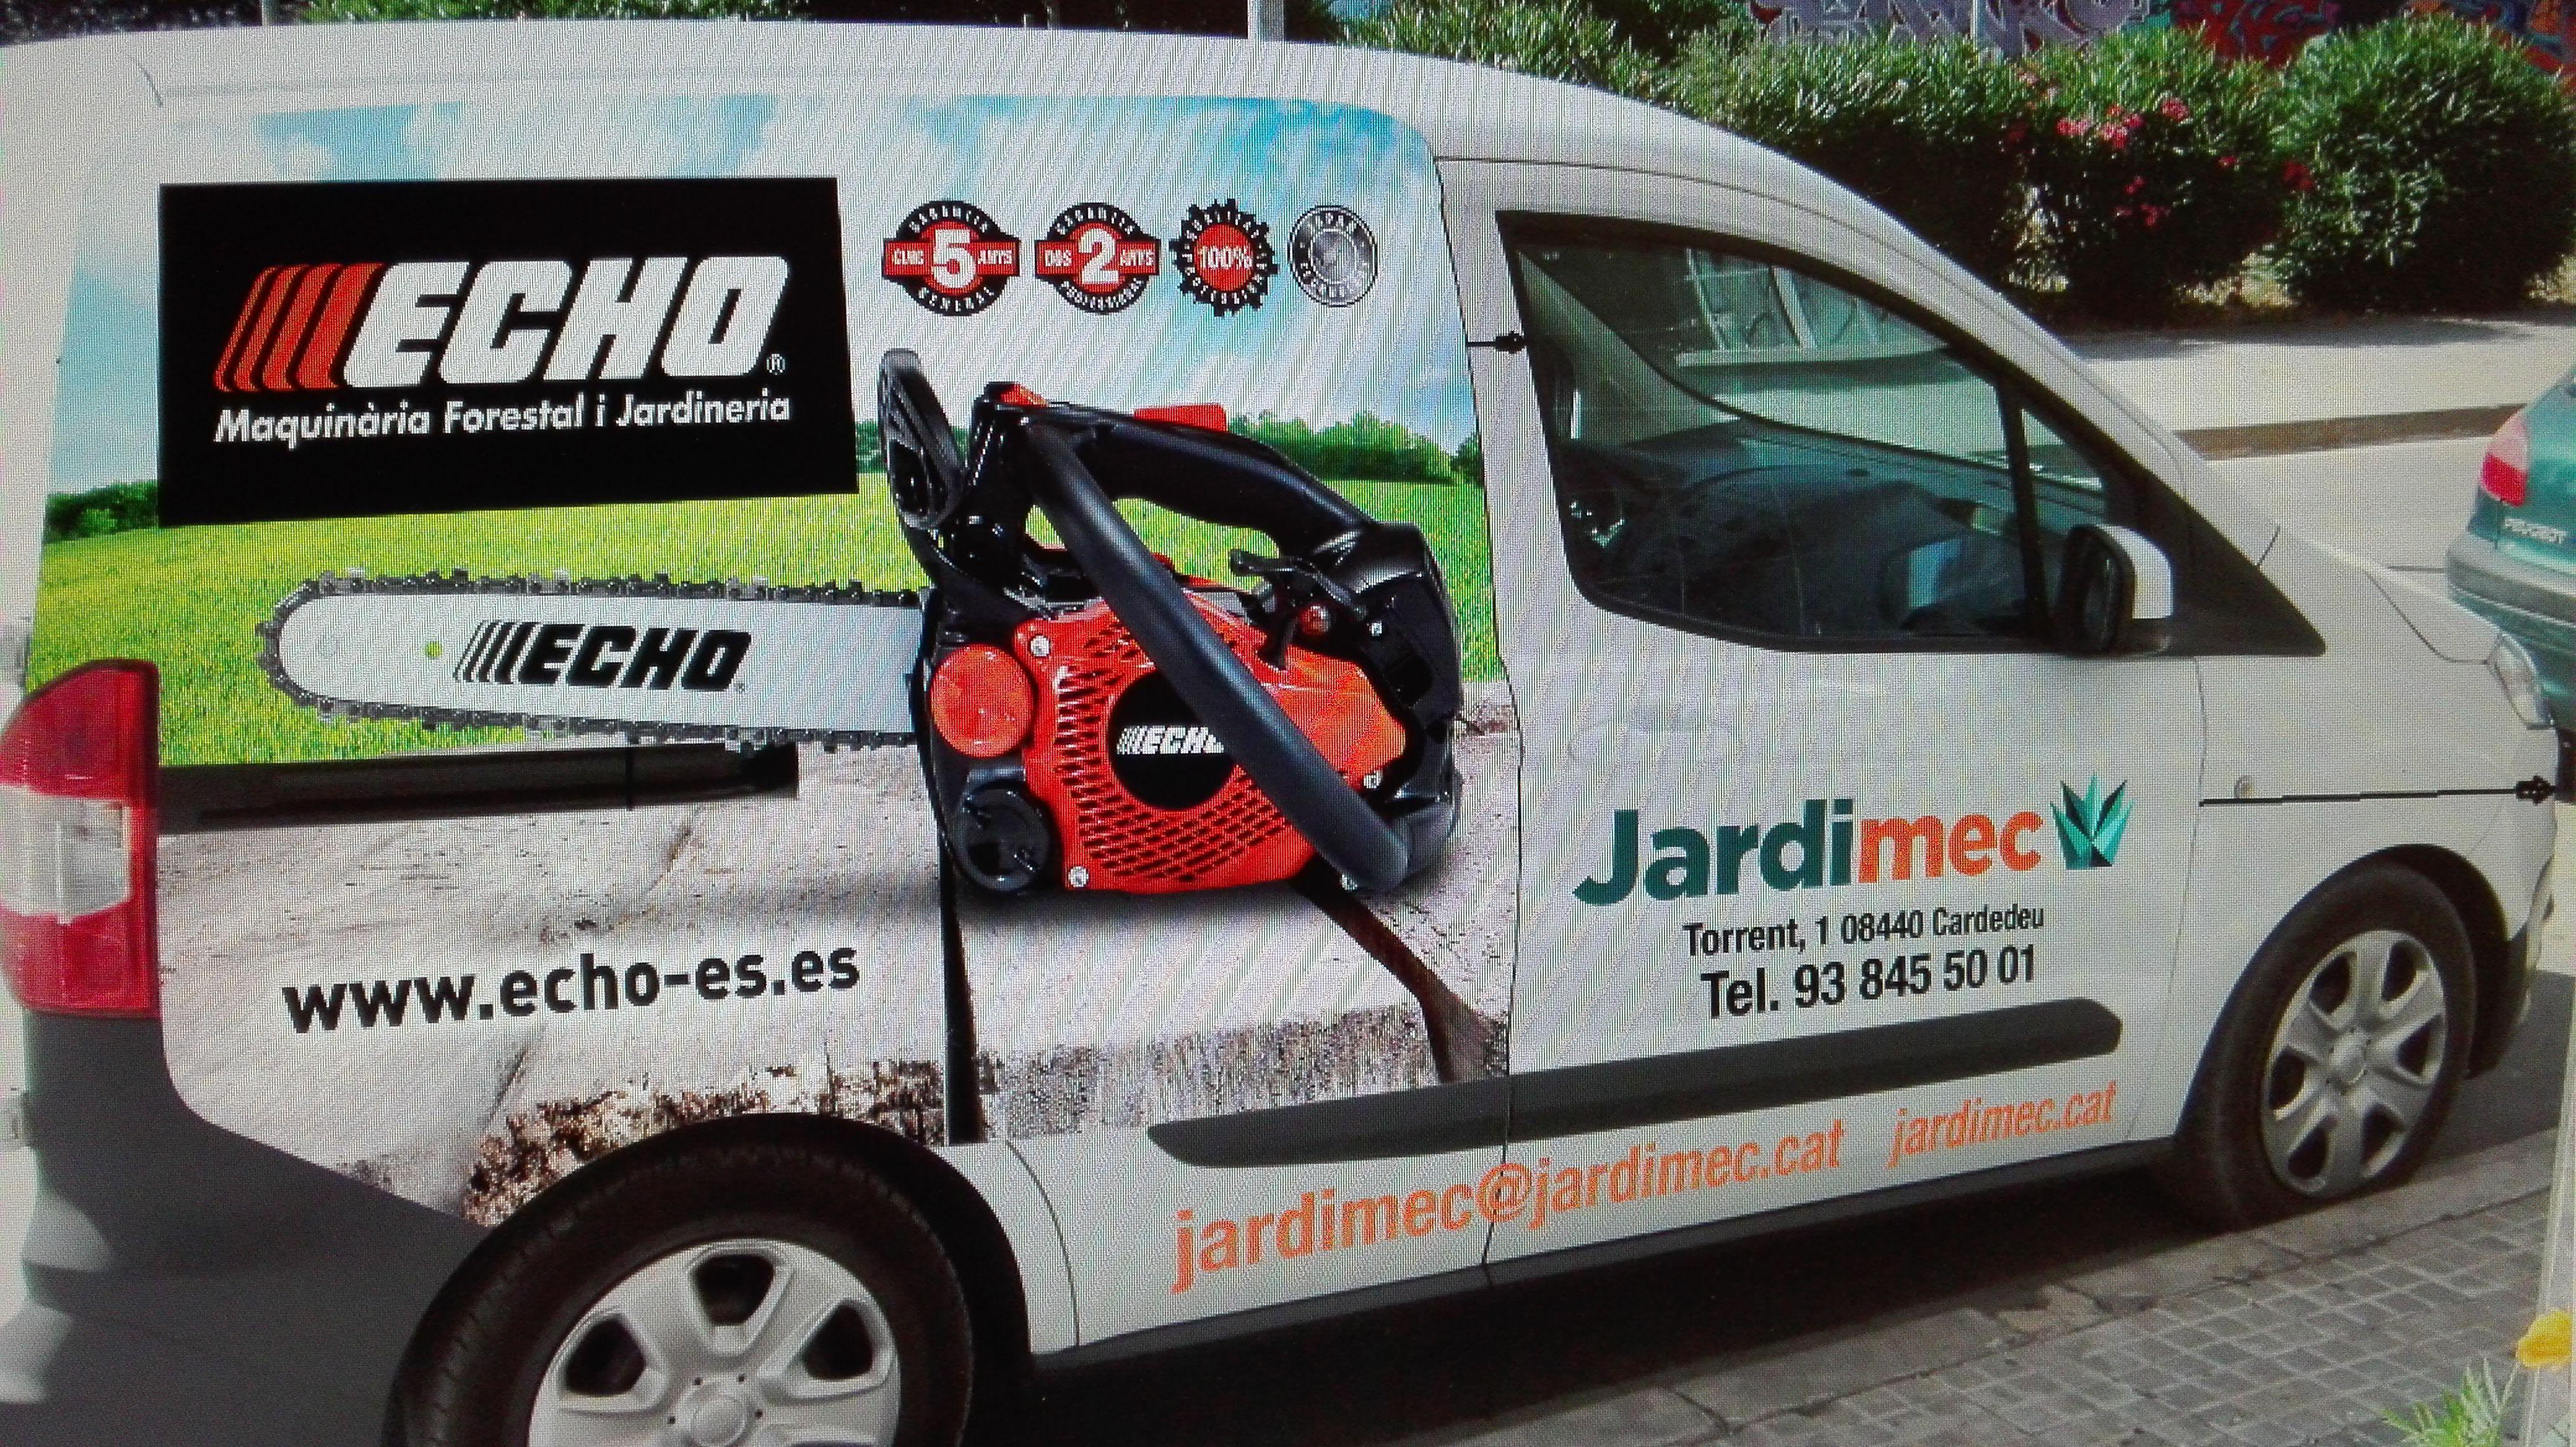 Reparación maquinaria jardinería Cardedeu